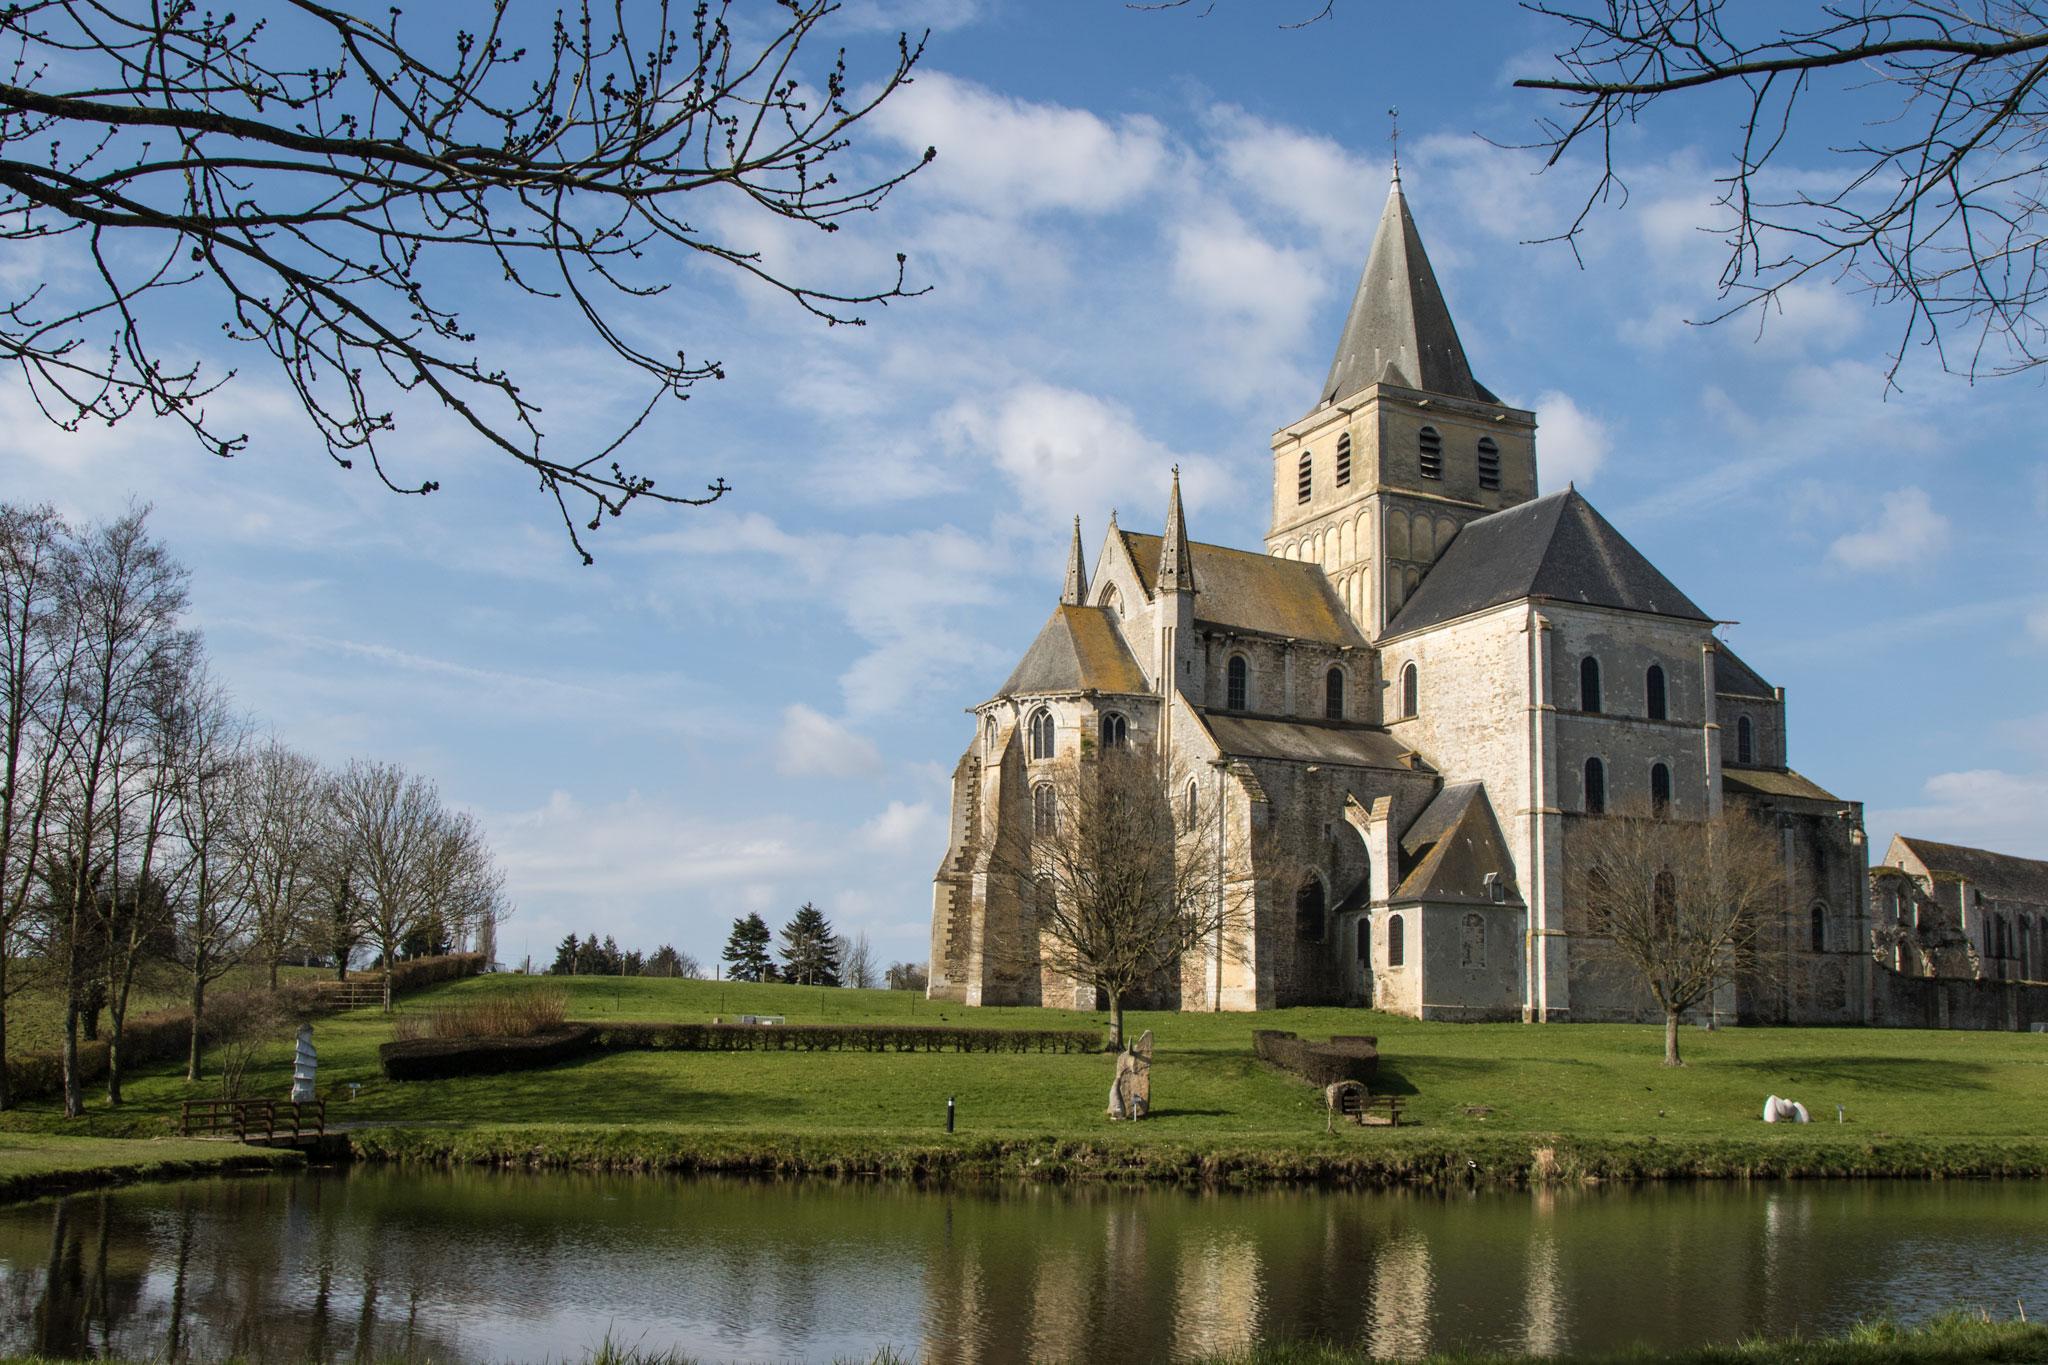 Sehenswurdigkeiten Chiennormandie Urlaub Mit Hund In Der Normandie